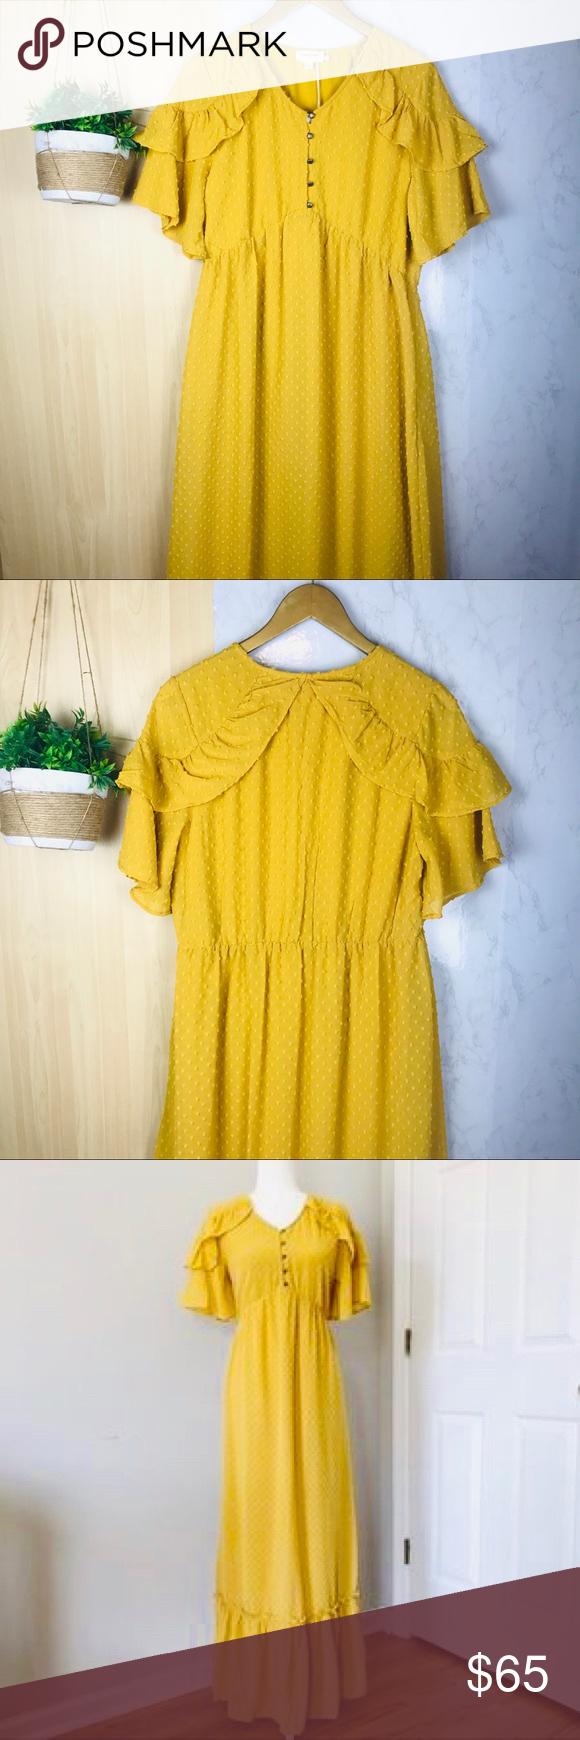 47f63c7d1a7d NWT Orange Creek L.A.   mustard yellow dress Orange Creek L.A.   mustard  yellow pilgrim like dress Beautiful pilgrim like dress with Swiss dot  pattern in ...